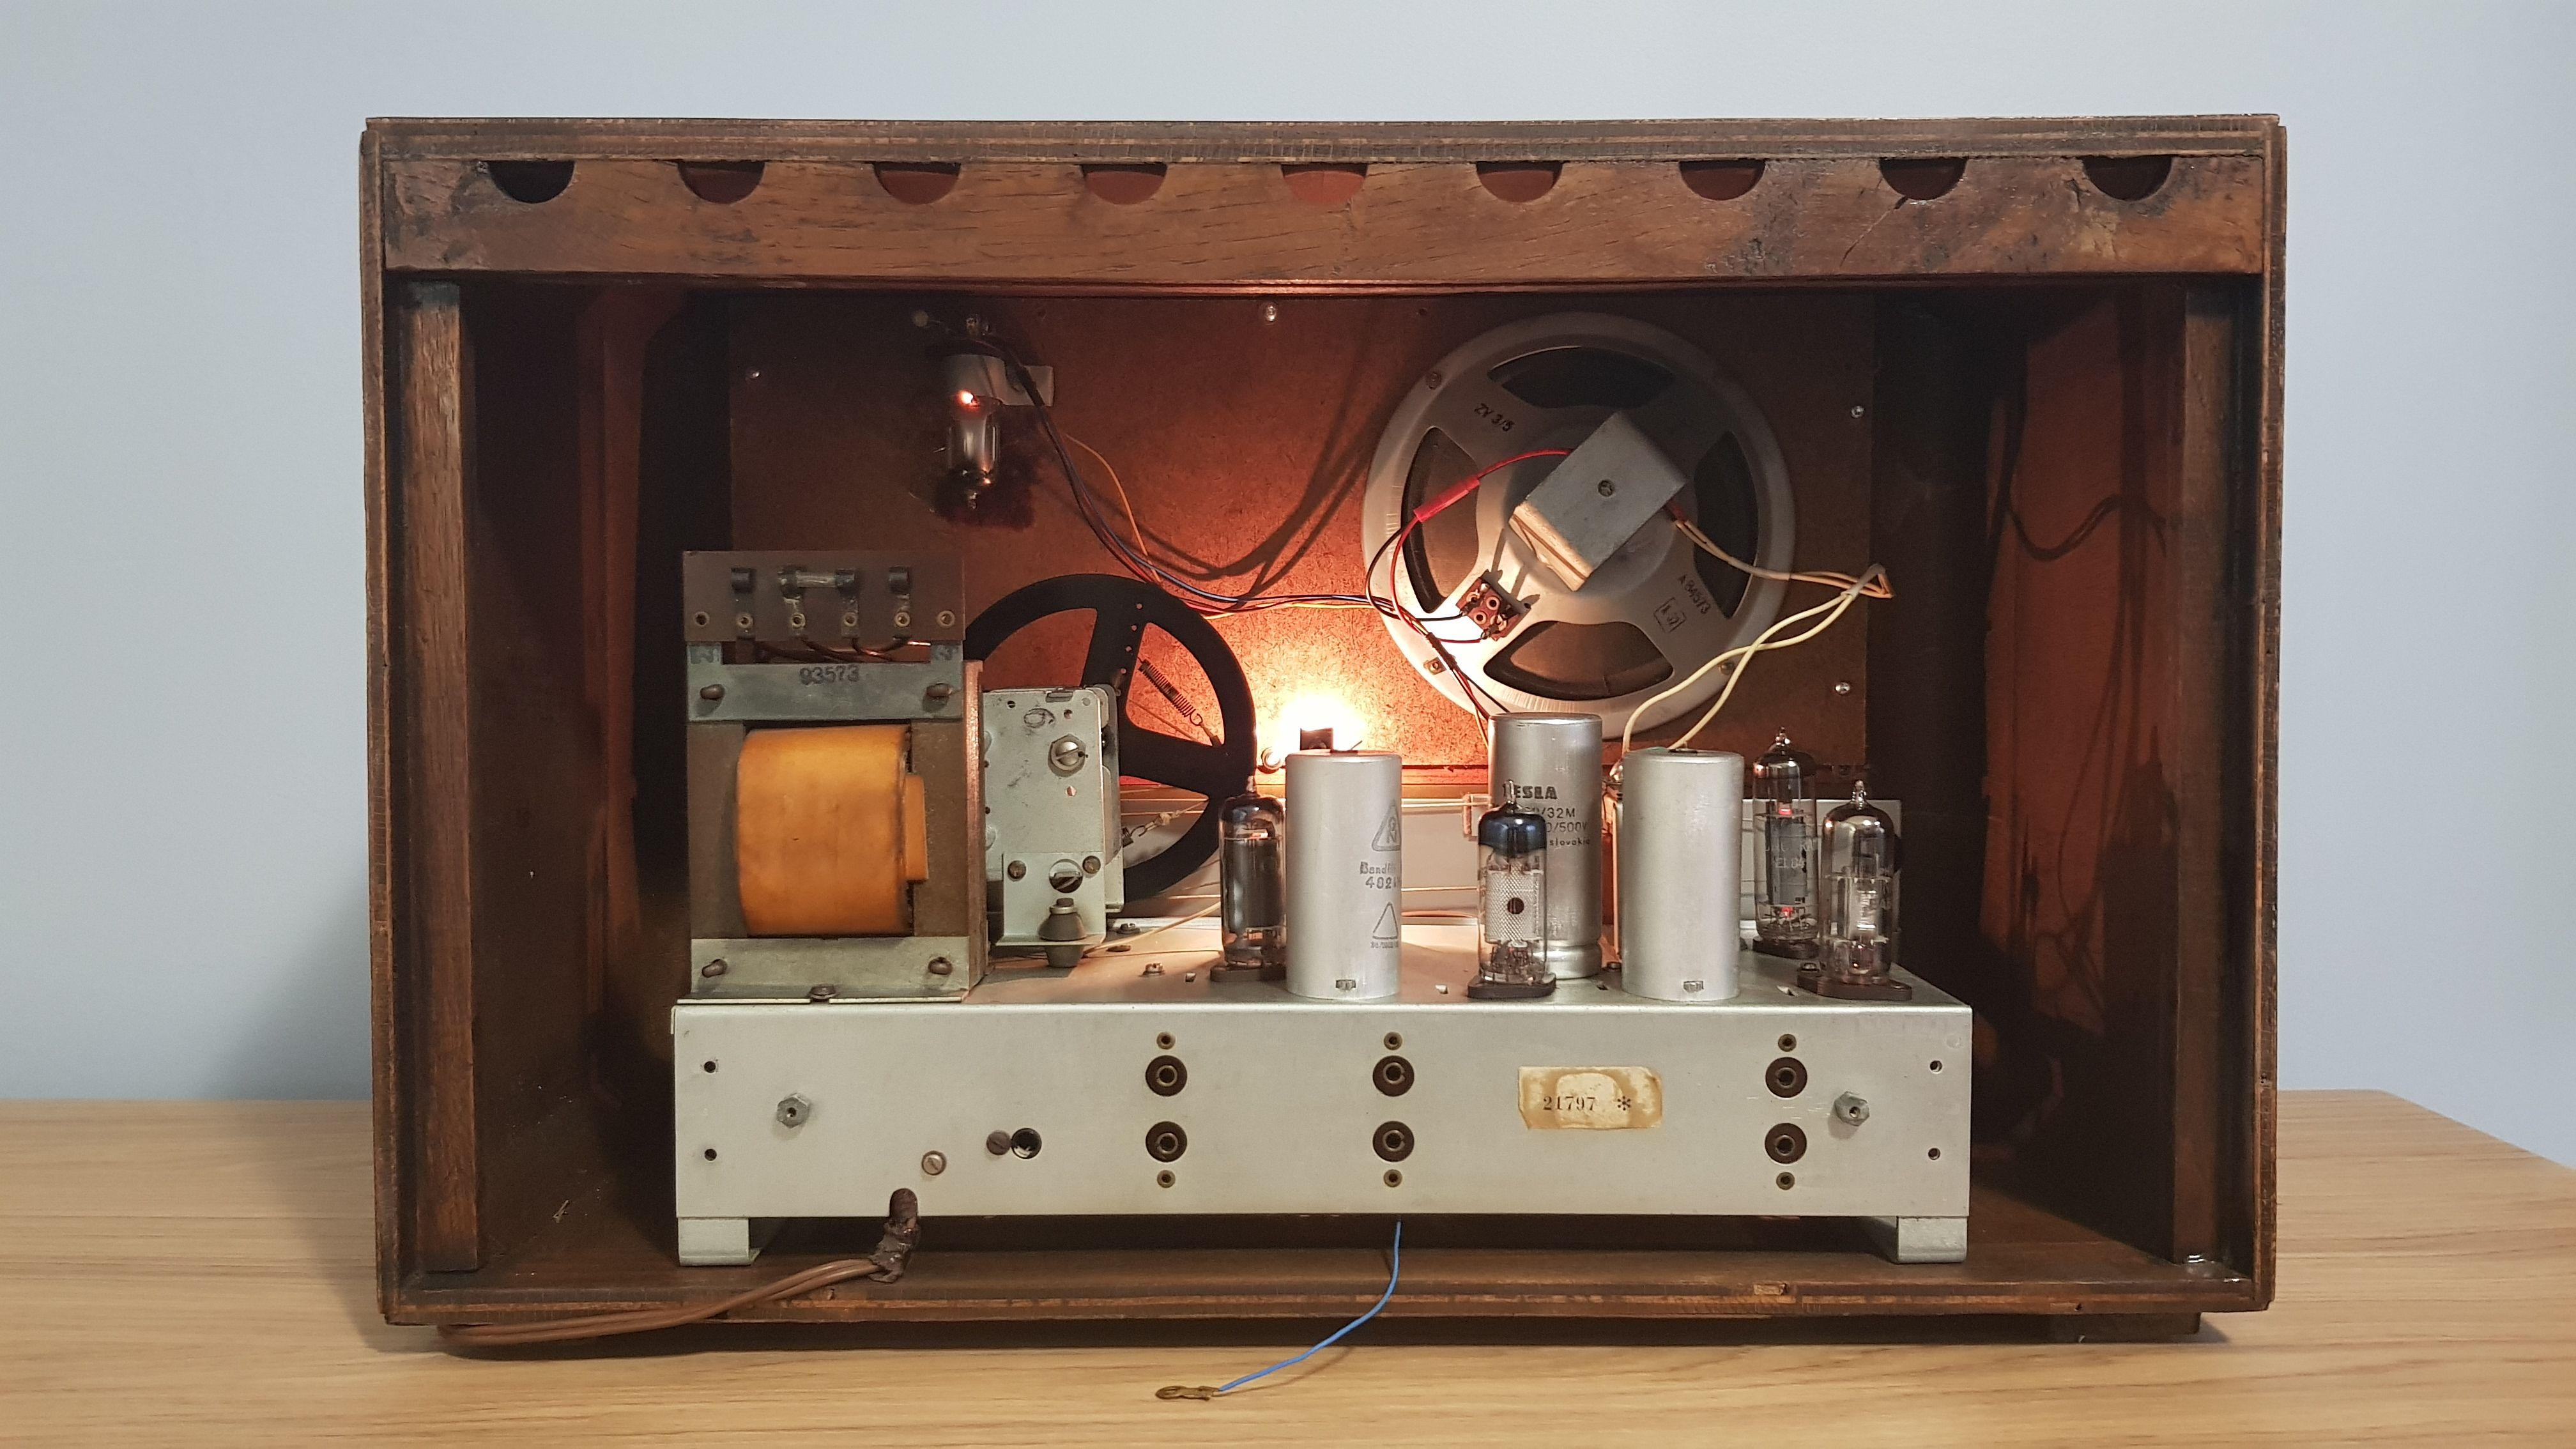 Vintage Radio Riz Jadran 57 Vintage Radio Vintage Electronics Vintage